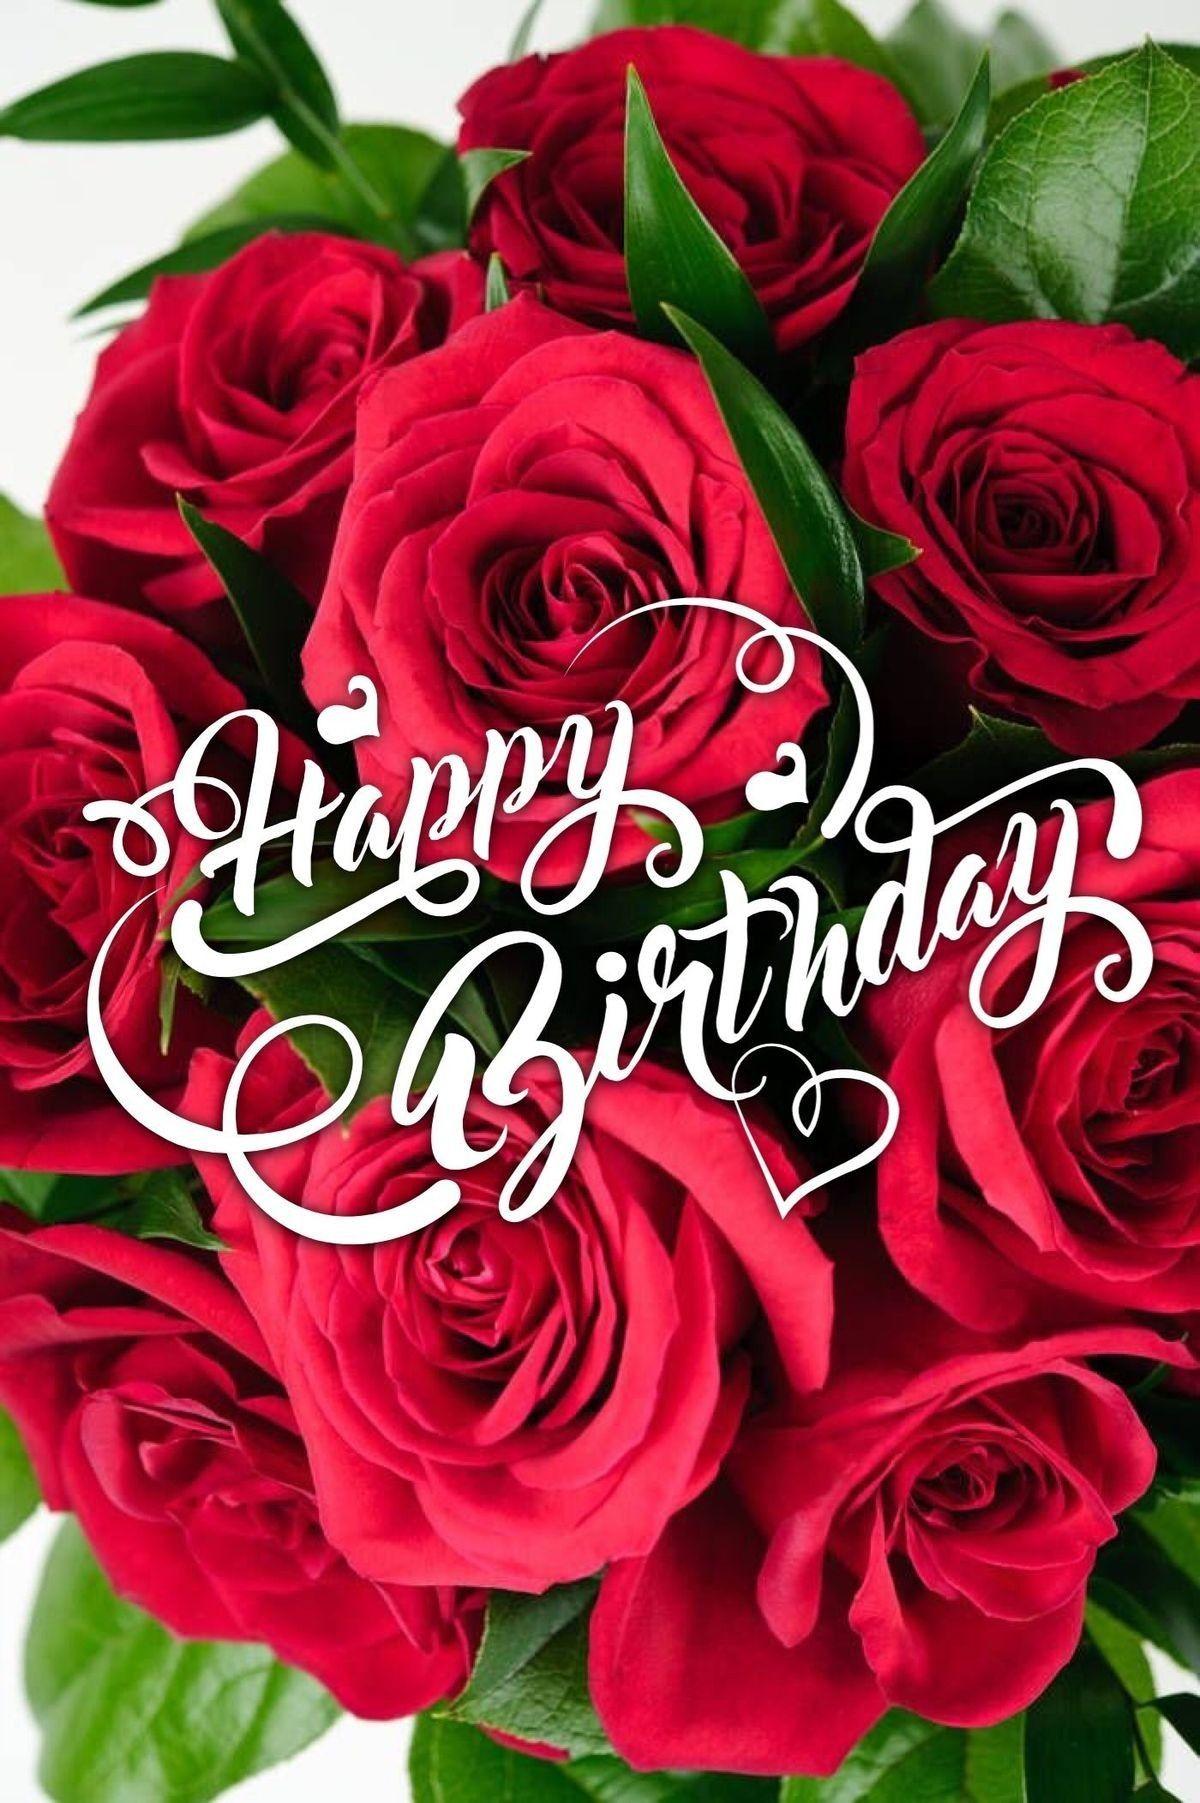 pinshana ali on birthdayswishes  birthday wishes